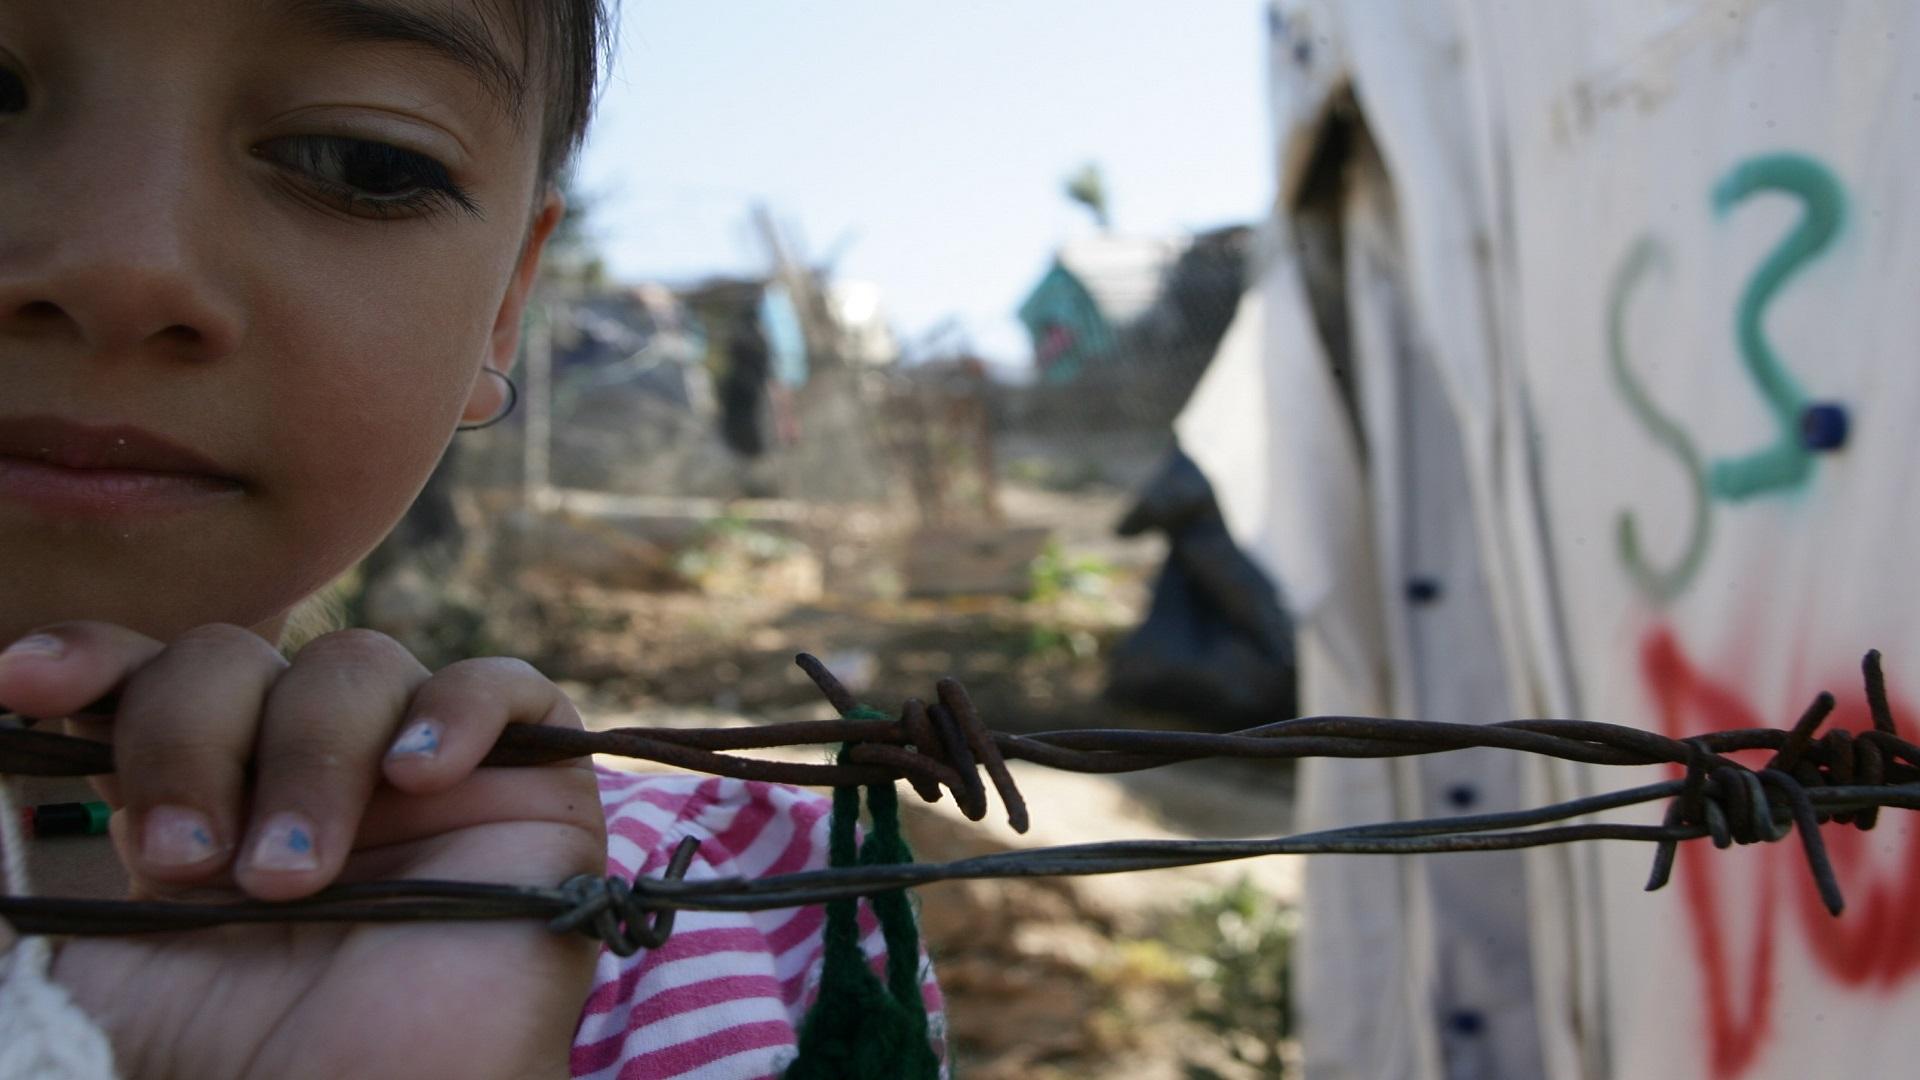 تنفي الحكومة اليونانية الاتهام بحرمان المهاجرين من الطعام وتؤكد الإمداد اليومي والمنتظم بالمياه والطعام.